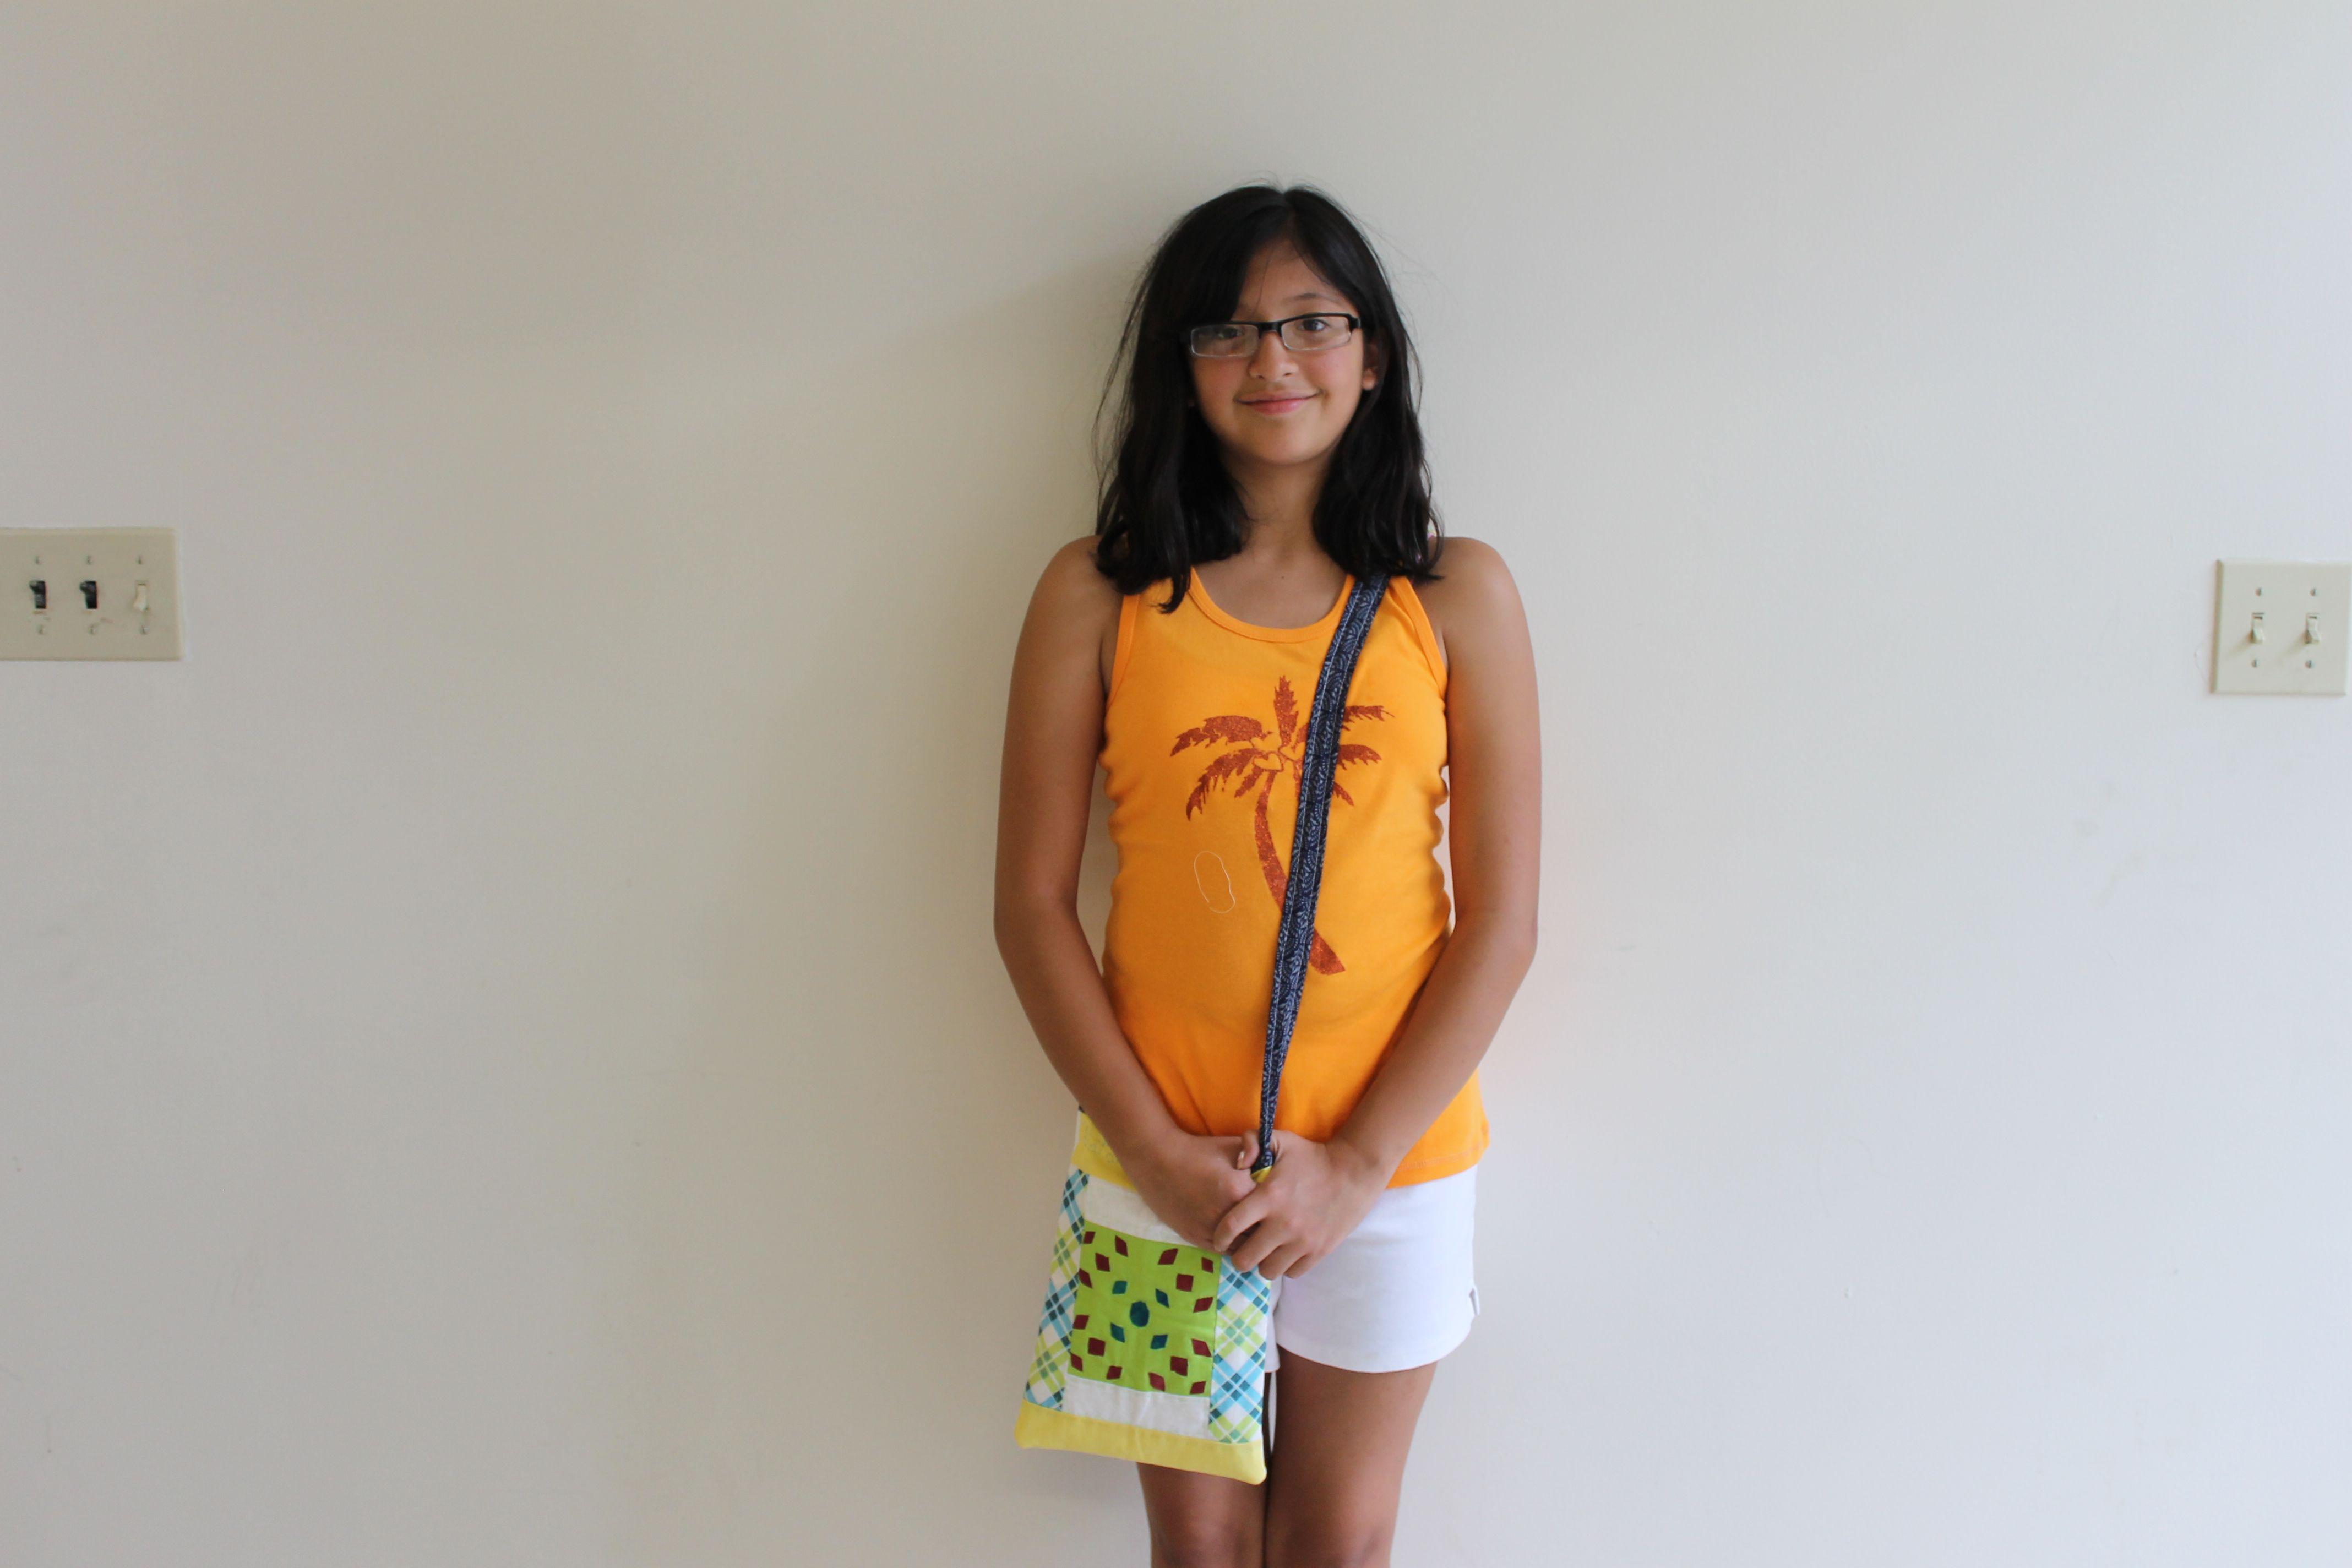 Natalia's bag